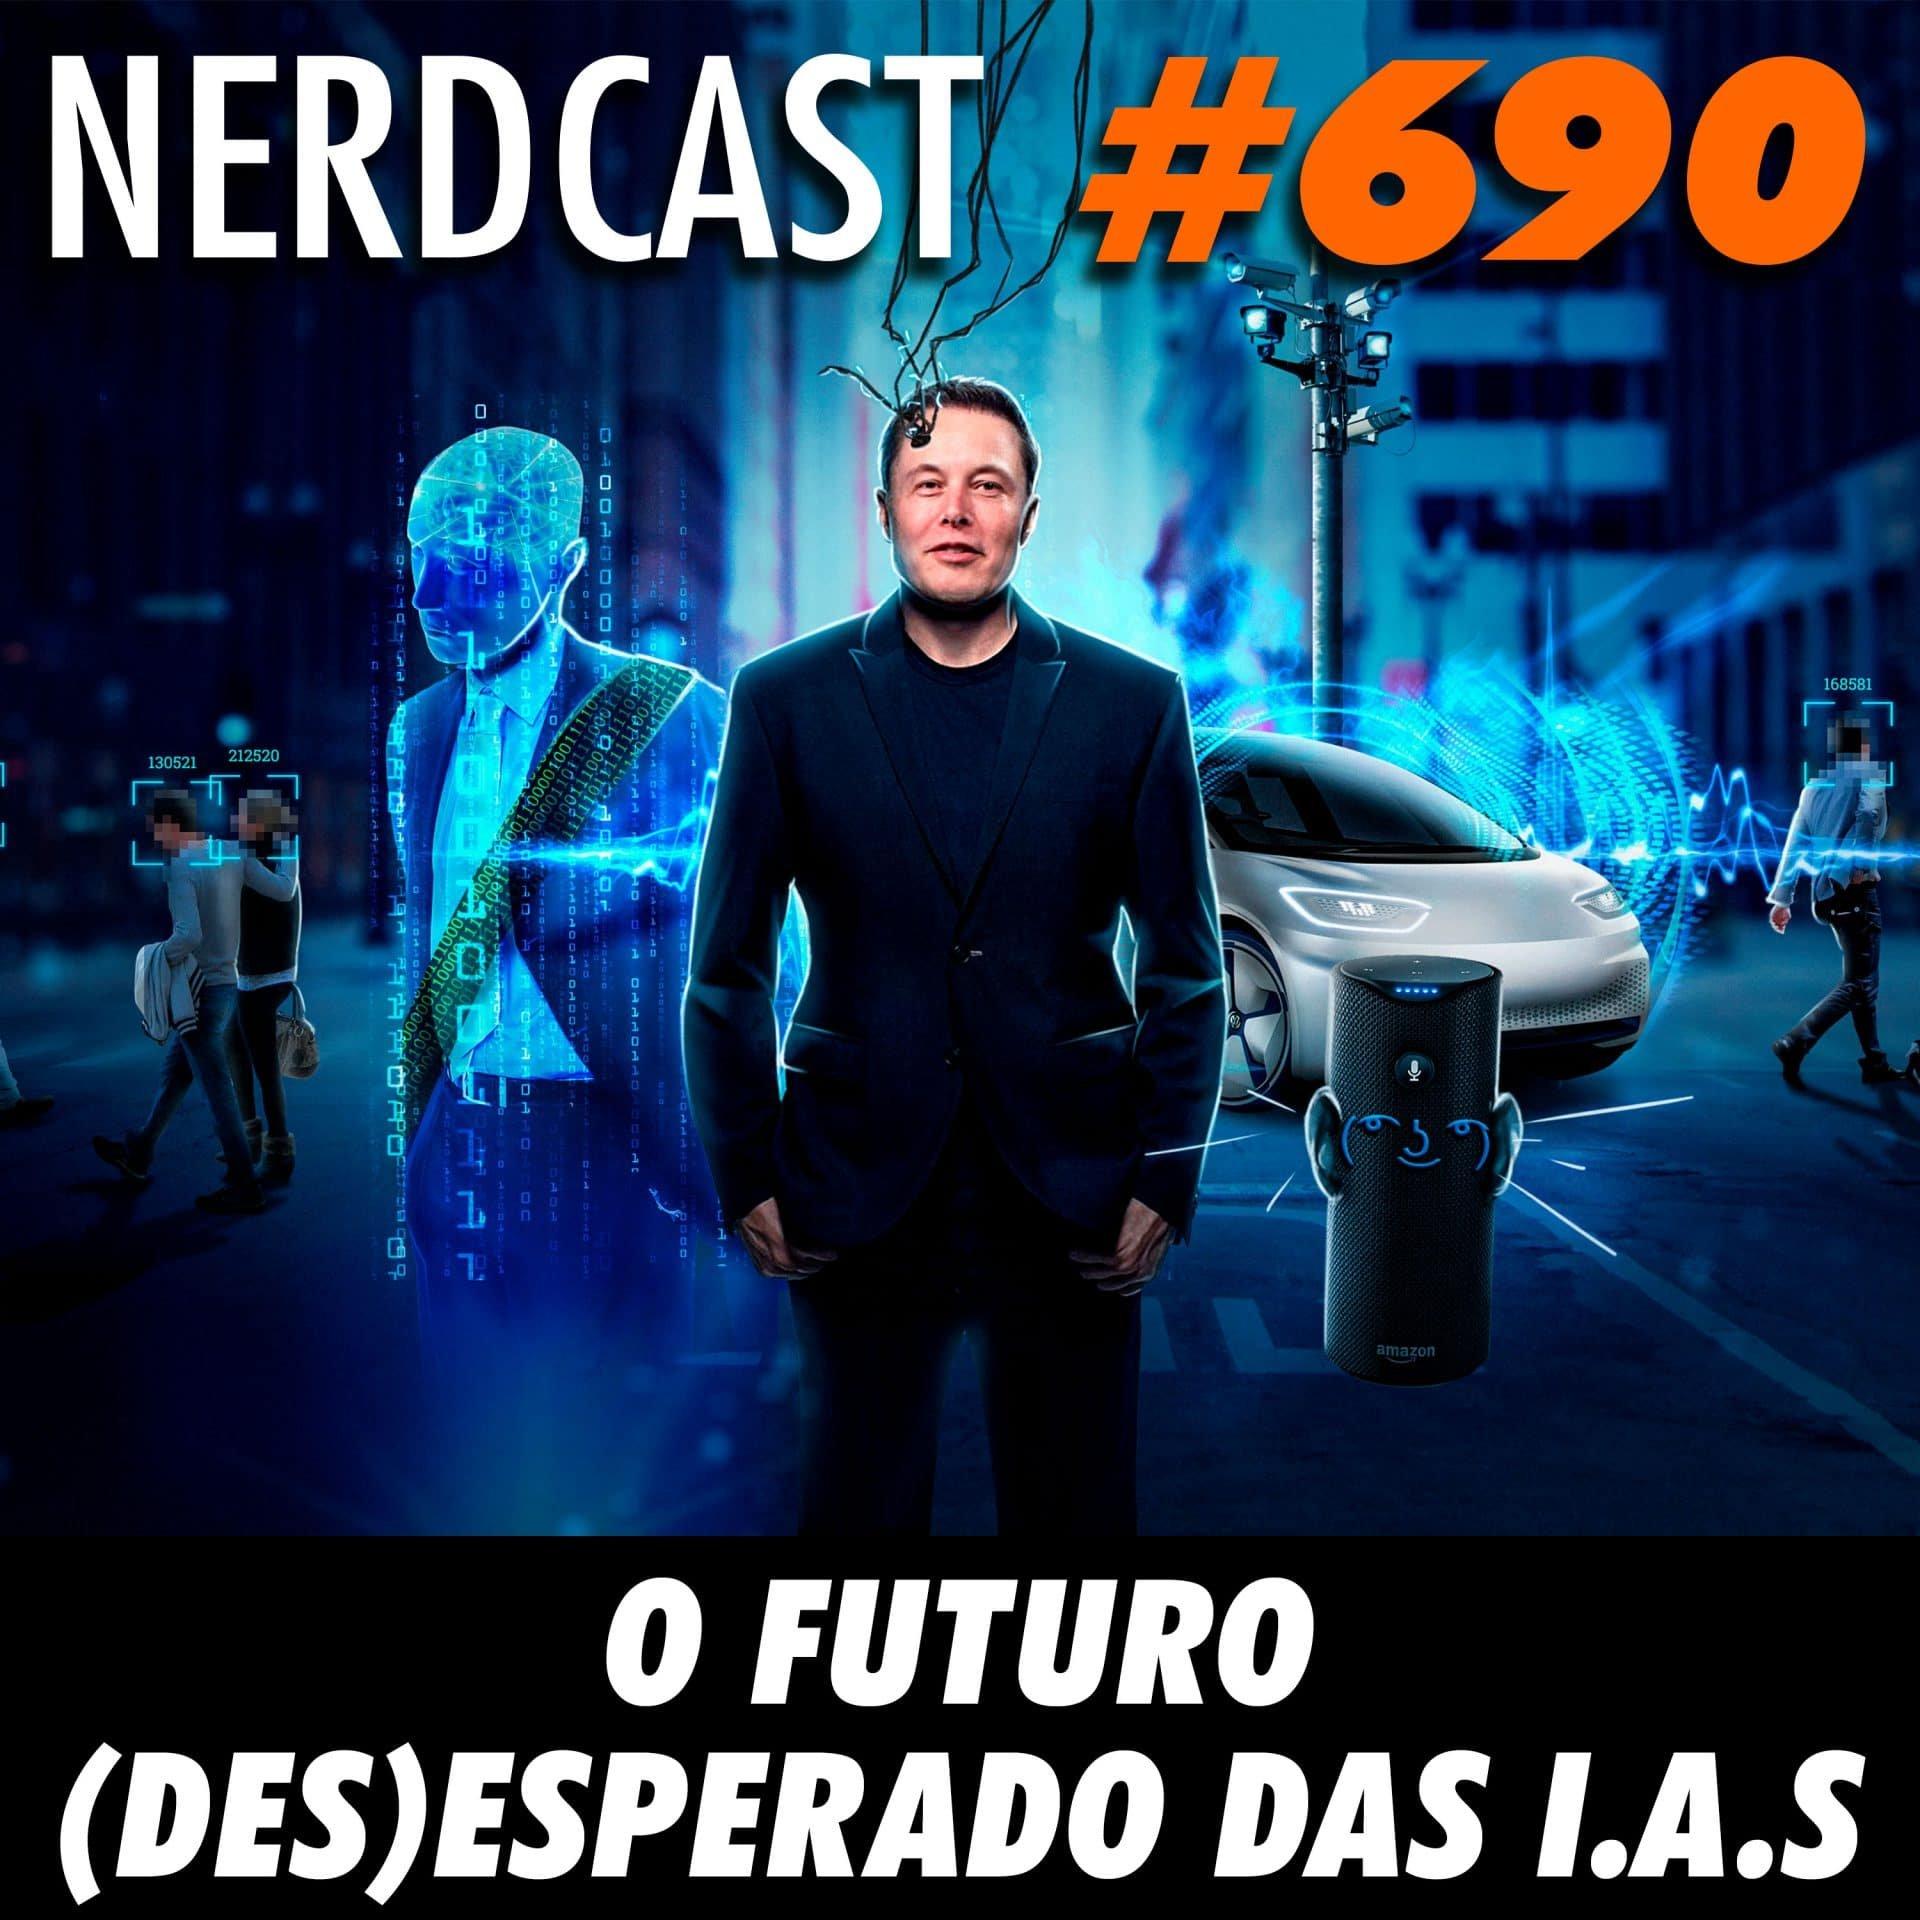 NerdCast 690 - O futuro (des)esperado das I.A.s